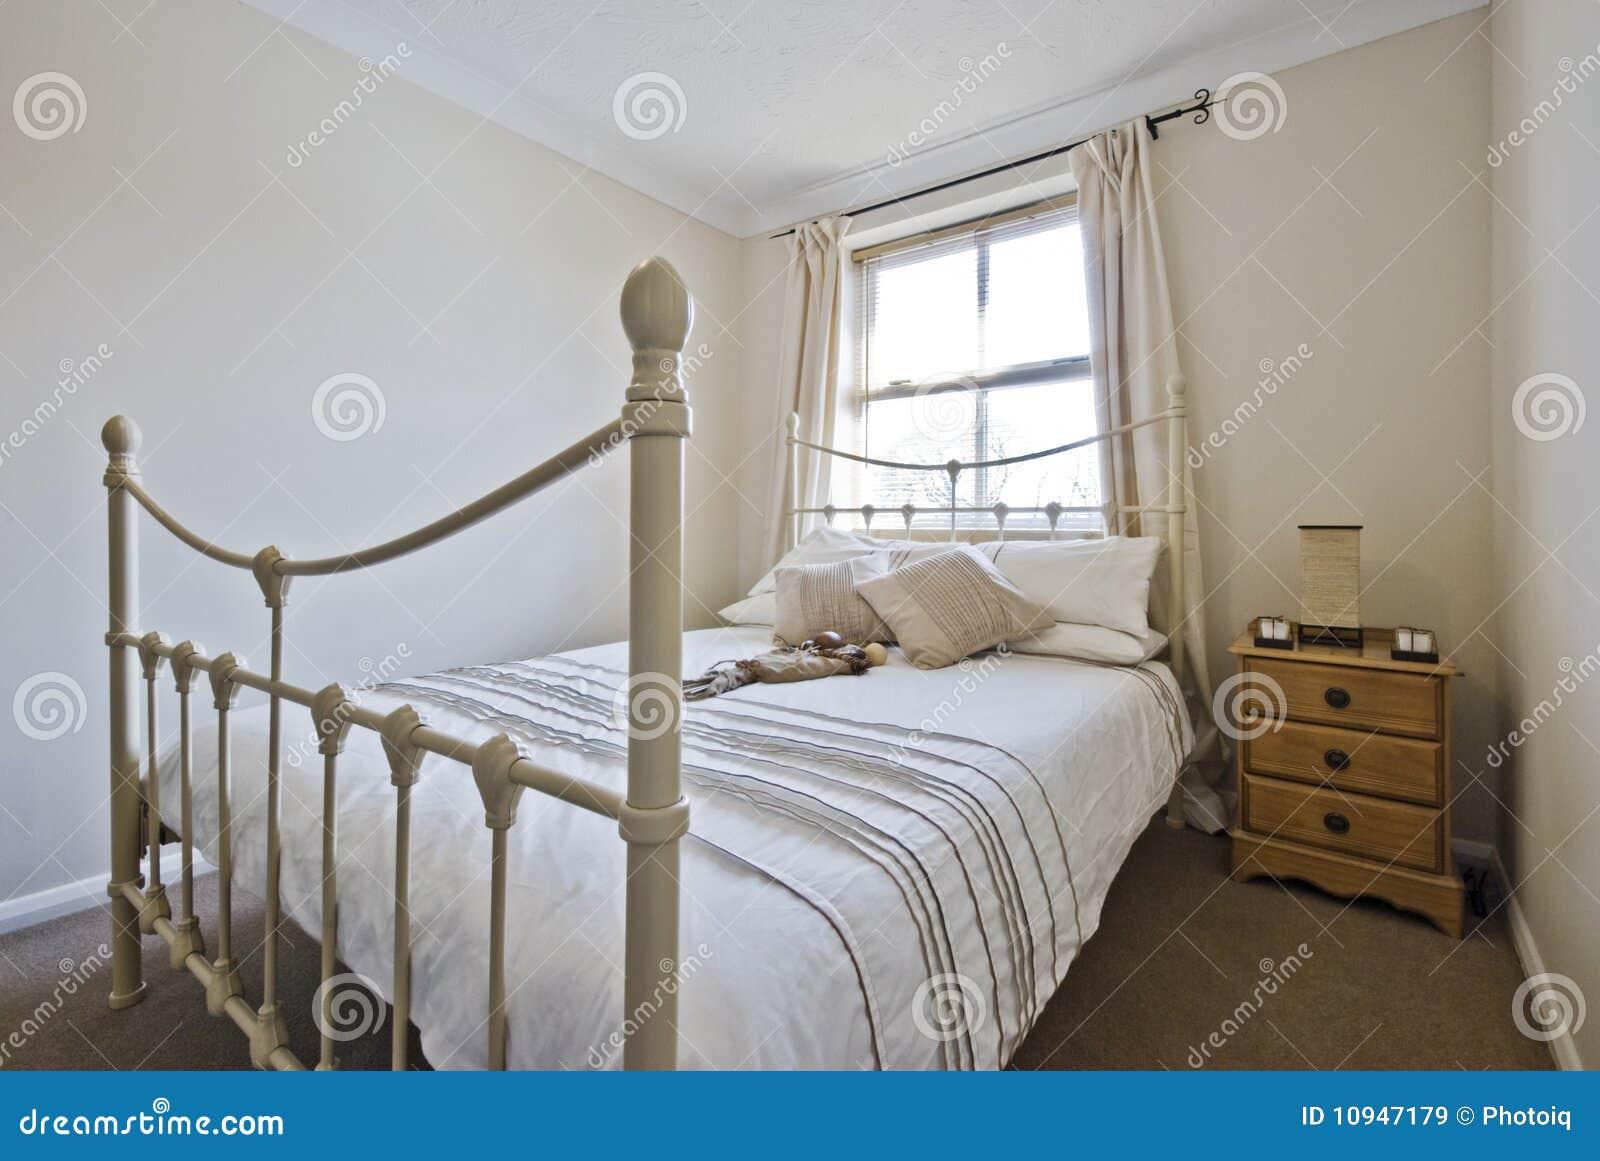 Slaapkamer met klassiek tweepersoonsbed royalty vrije stock ...